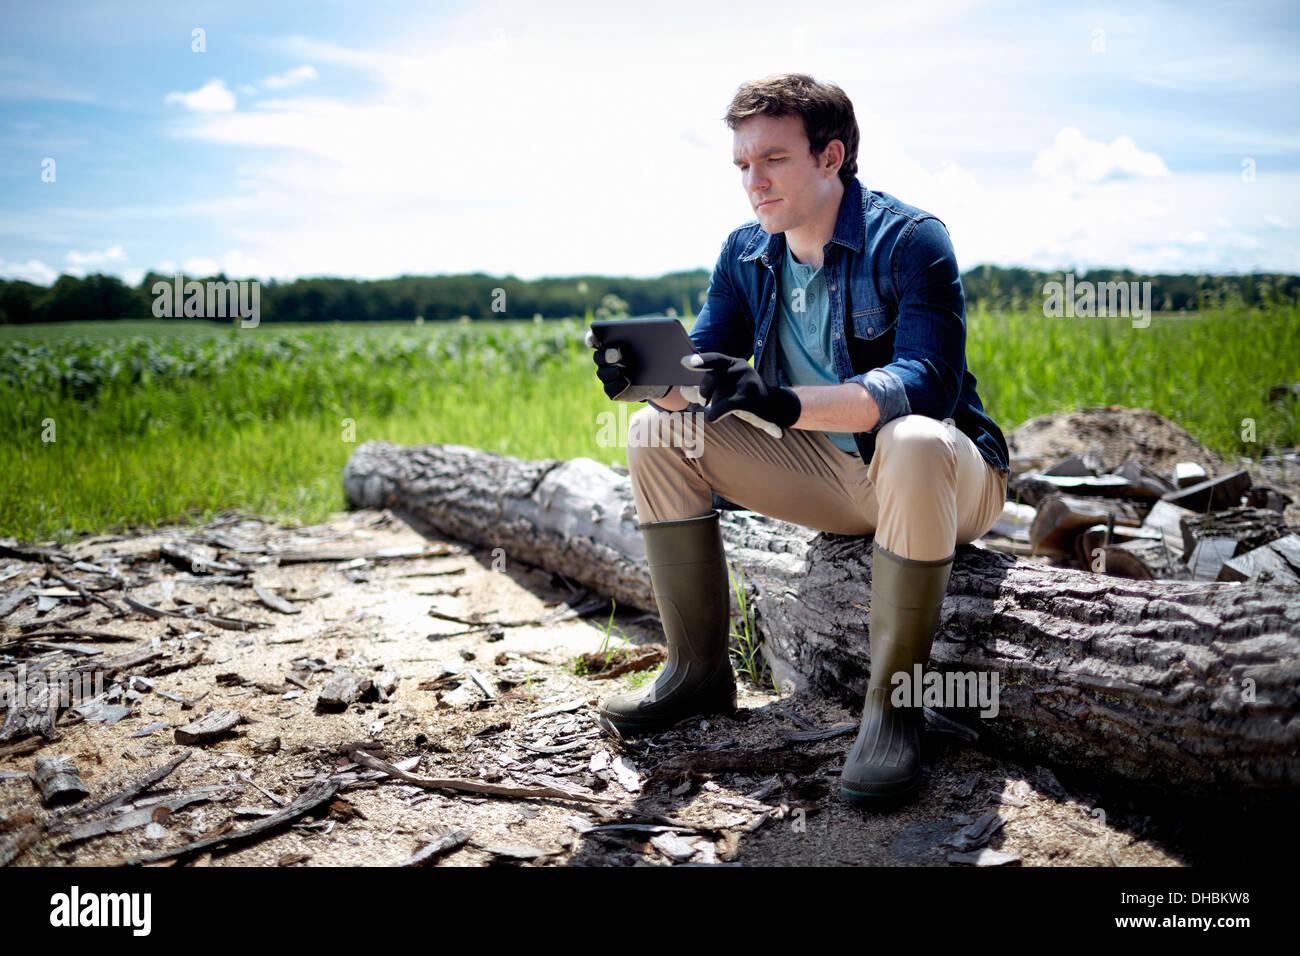 Un agricoltore seduta utilizzando un computer tablet all'aperto in un campo di colture Immagini Stock